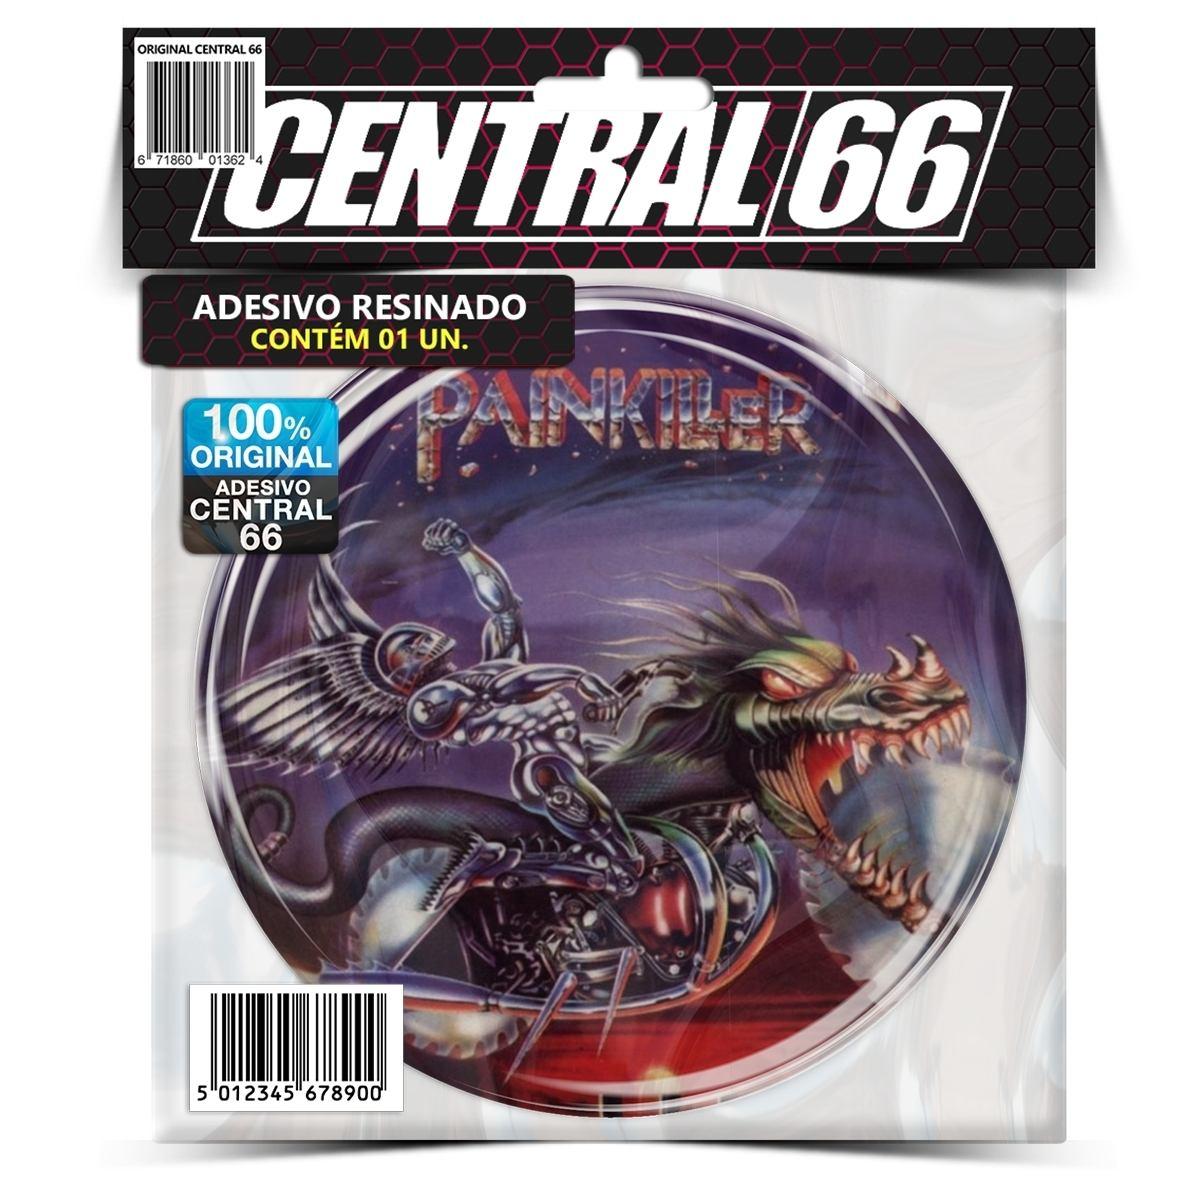 Adesivo Redondo Judas Priests Painkiller – Central 66